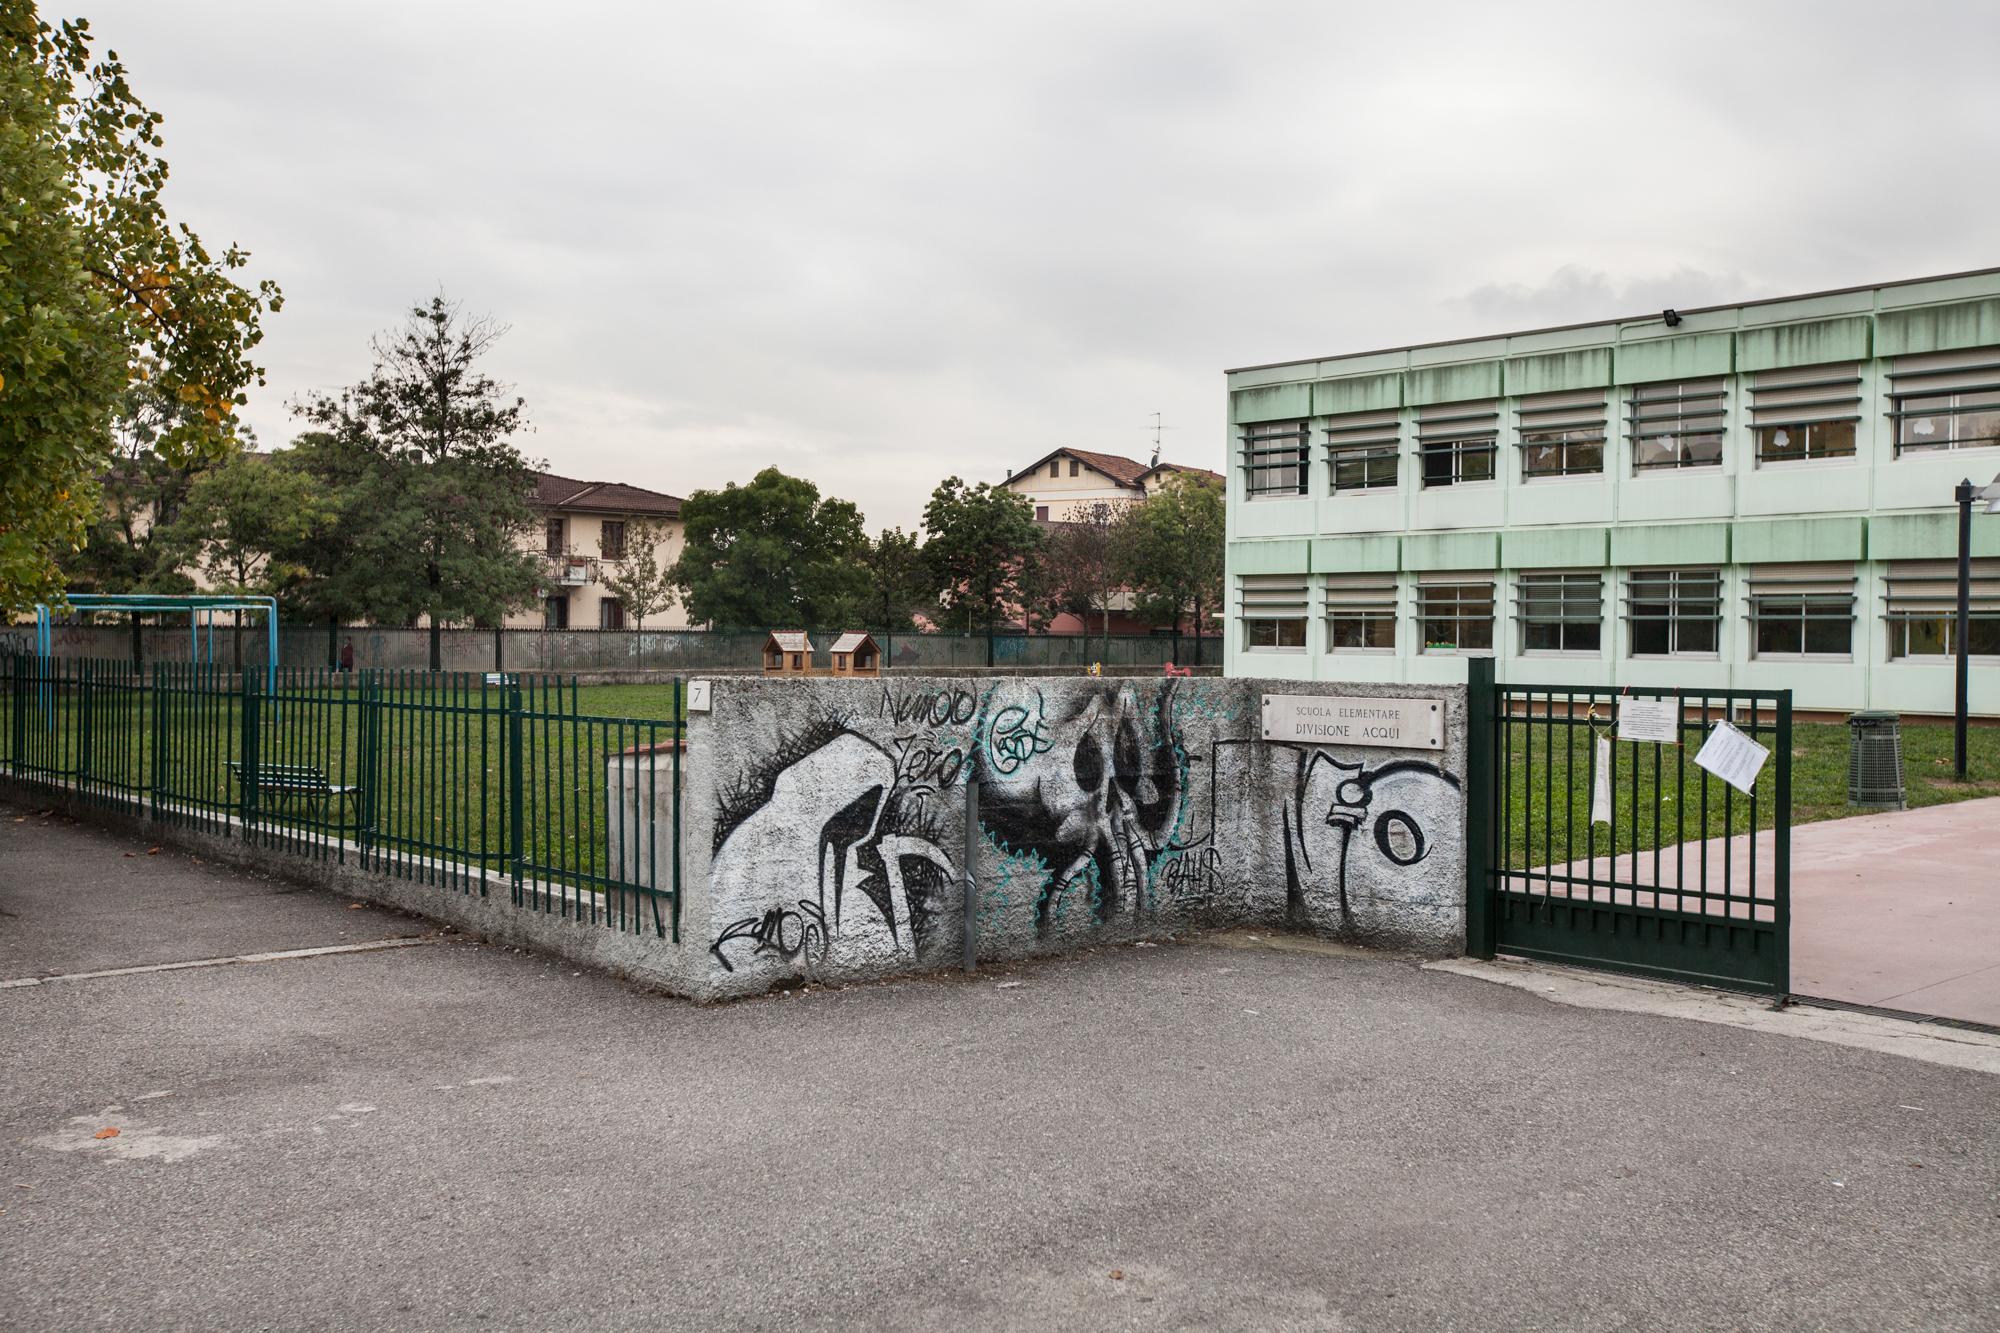 La scuola elementare Divisione Aqui. Il giardino è stato bonificato, ma il terreno esportato, è stato poi utilizzato nella costruzione delle colline del nuovo sbocco della tangenziale, due chilometri più' a est. Brescia / Italia. Ottobre 2013